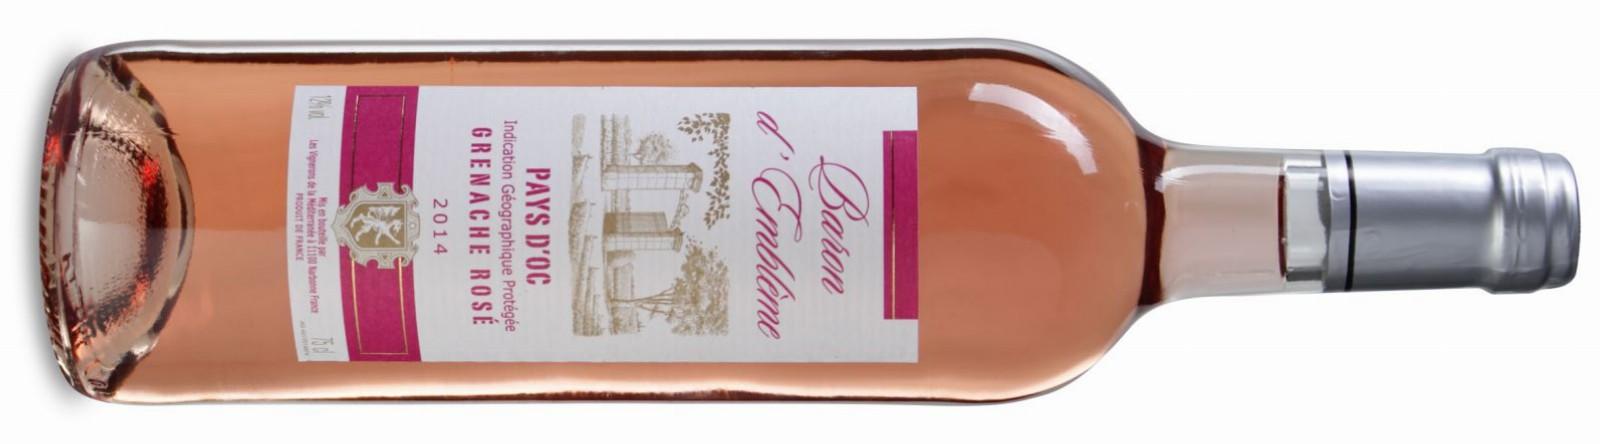 Baron d'Emblème Grenache Rosé jetzt günstig im Angebot!